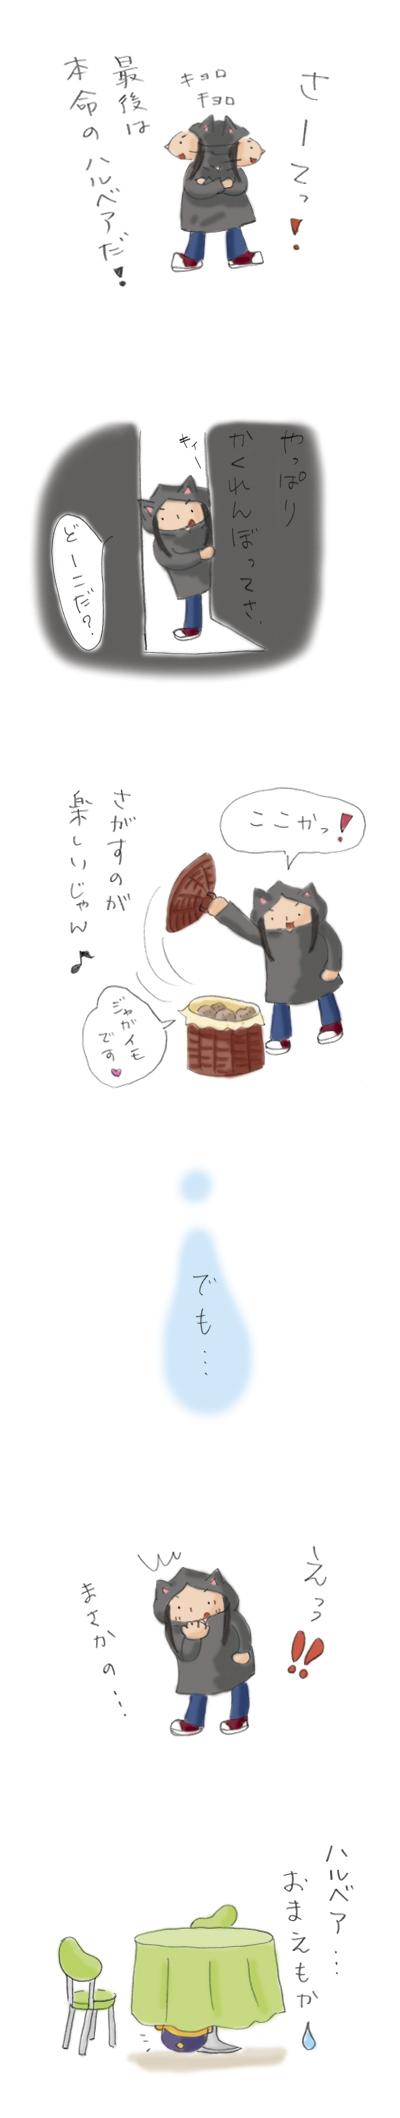 かくれんぼー5